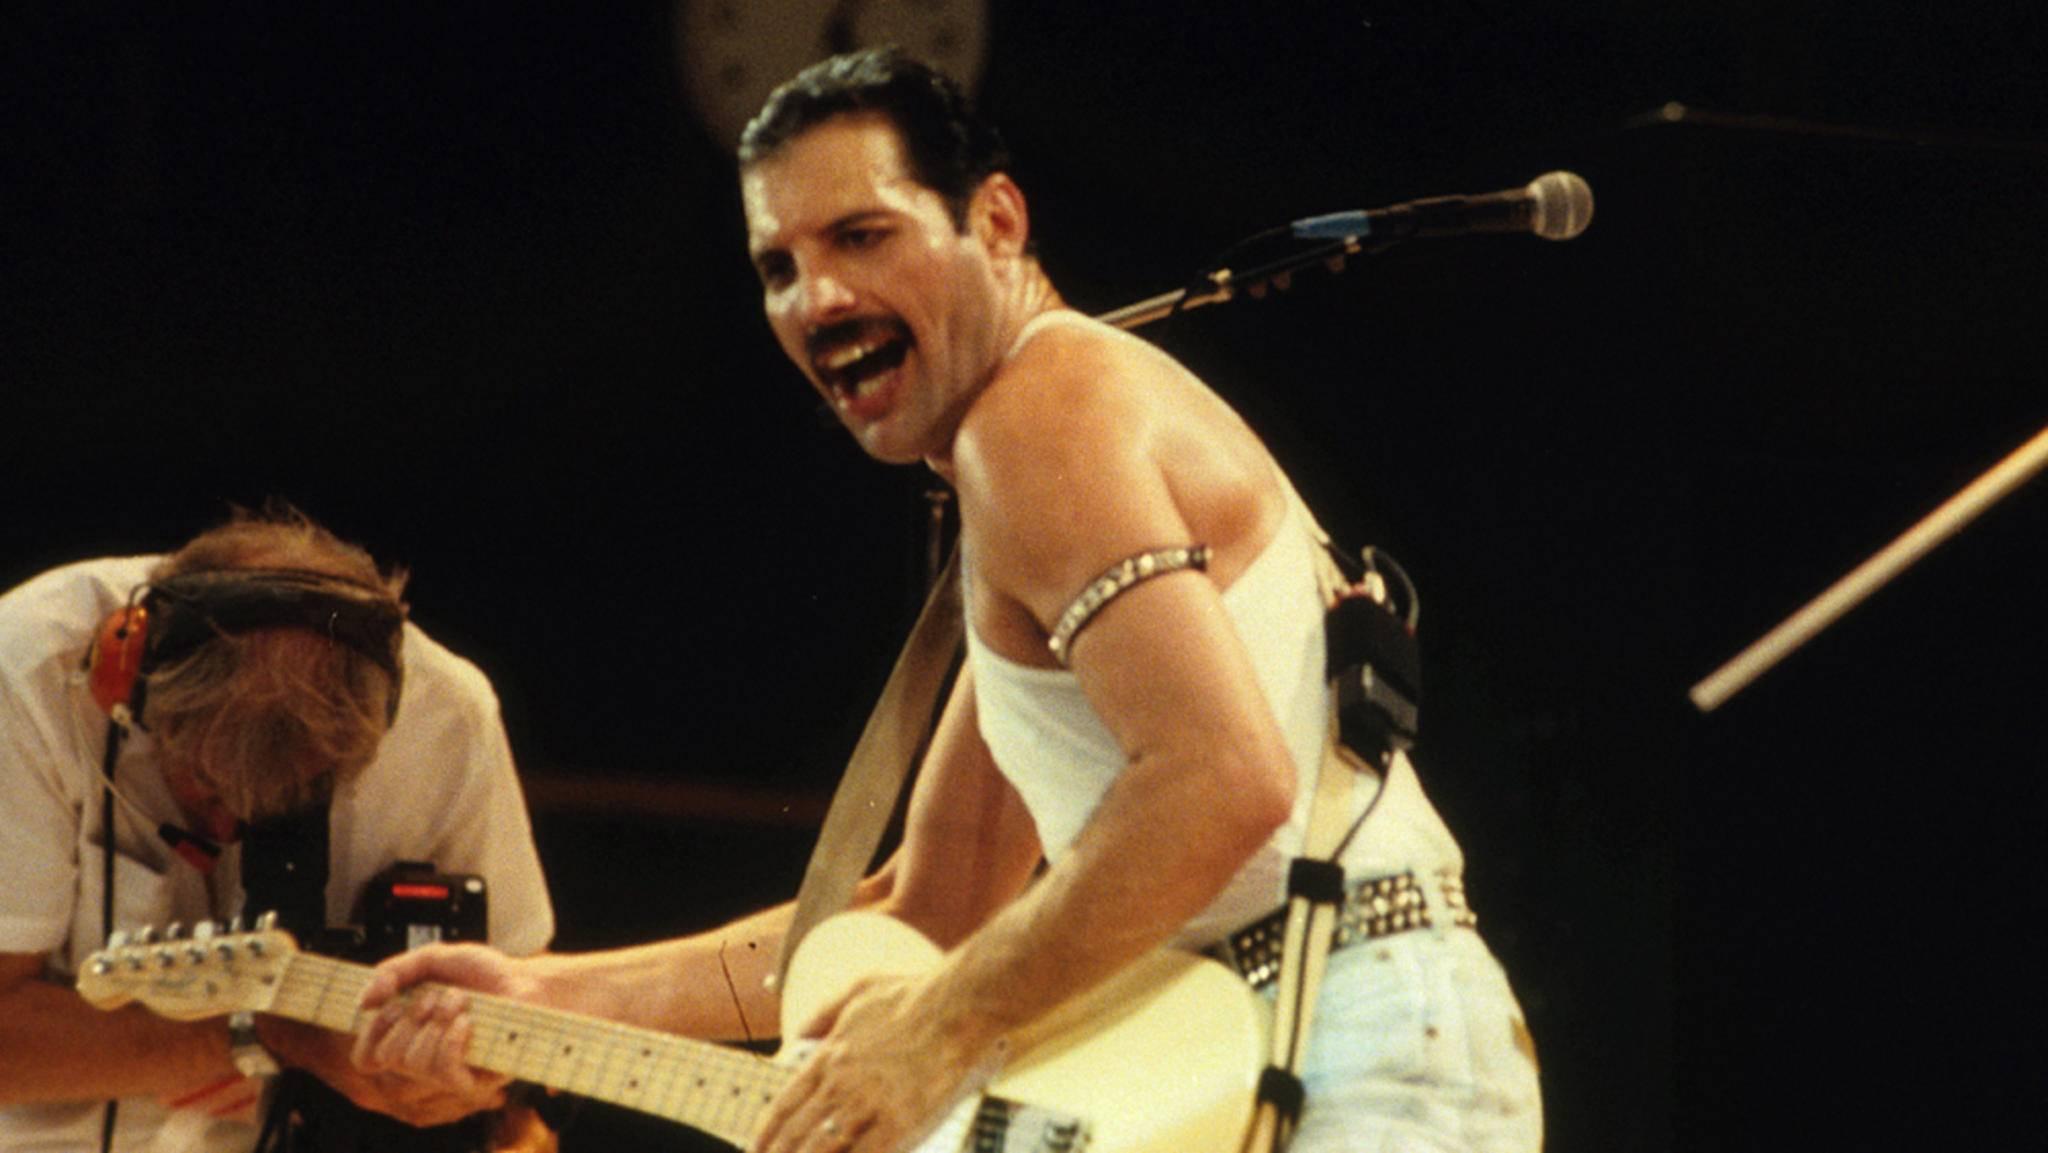 Freddie Mercury lieferte 1985 beim Live-Aid-Konzert im Wembley Stadium eine unvergessliche Performance ab – die Rami Malek über 30 Jahre später überzeugend nachstellt.